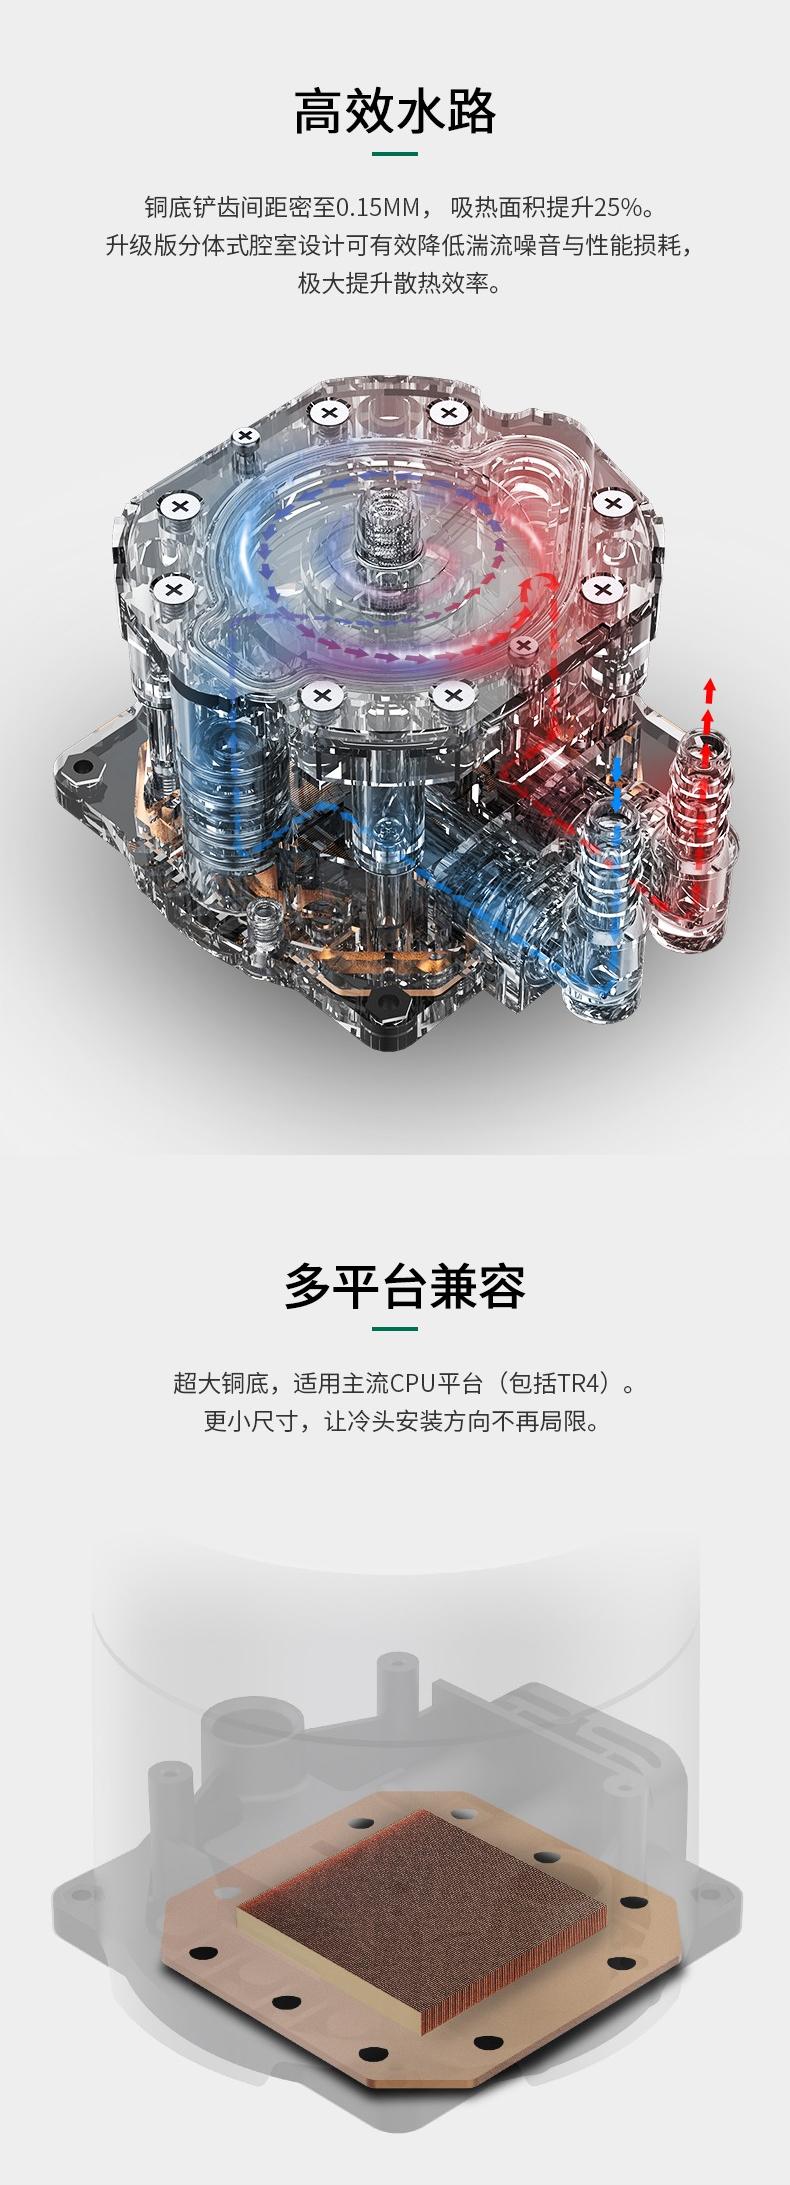 电脑猫和路由器一体_九州风神 堡垒240EX castle 240 EX 一体水冷散热器 PCPowerCase Computers ...